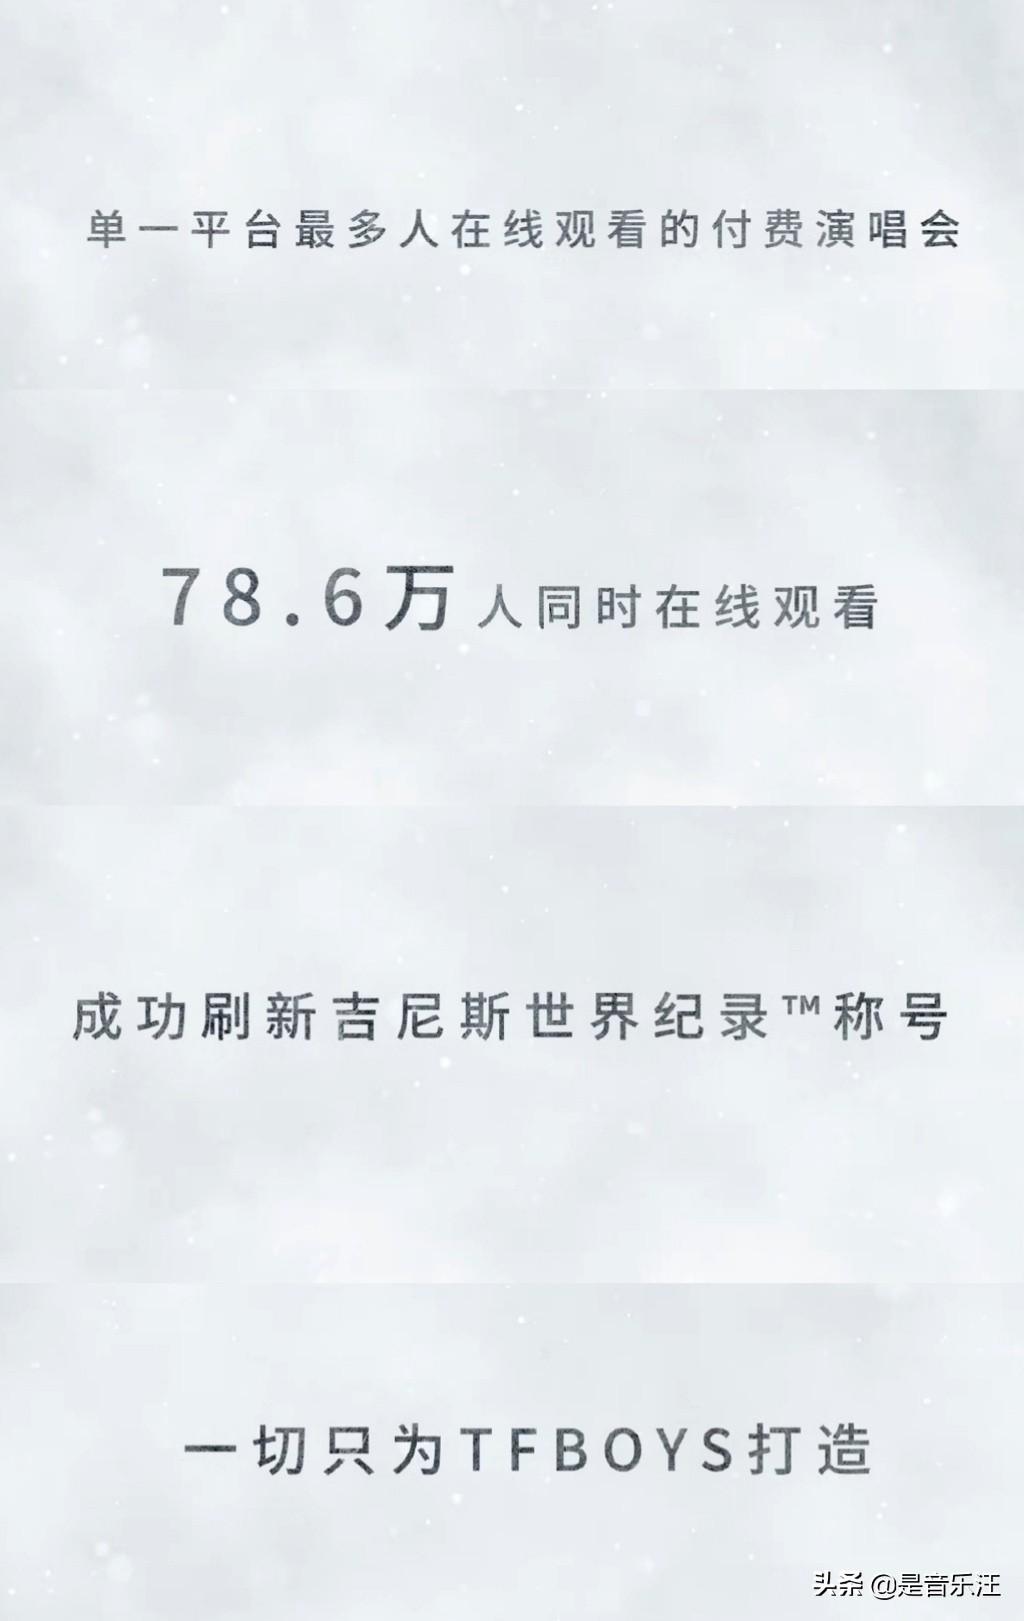 腾讯娱乐白皮书:华晨宇和肖战收获颇丰,周深拿下最受欢迎奖